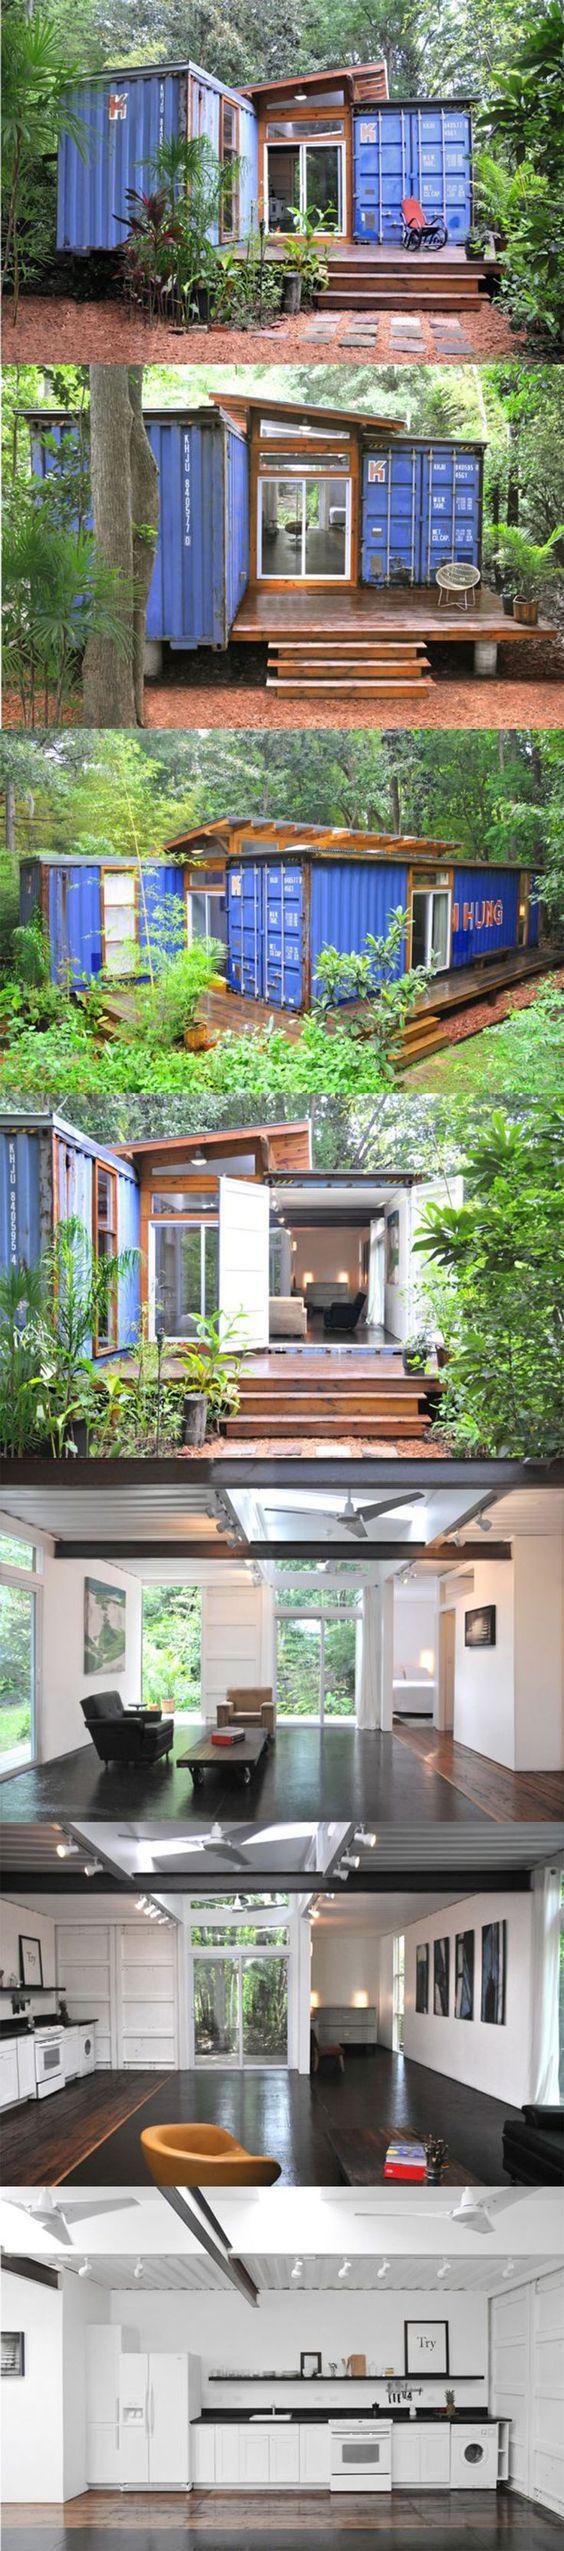 O sonho do gian e o meu a nossa pr pria casa e por isso ficamos sonhando como vai ser - Lot ek container home kit ...